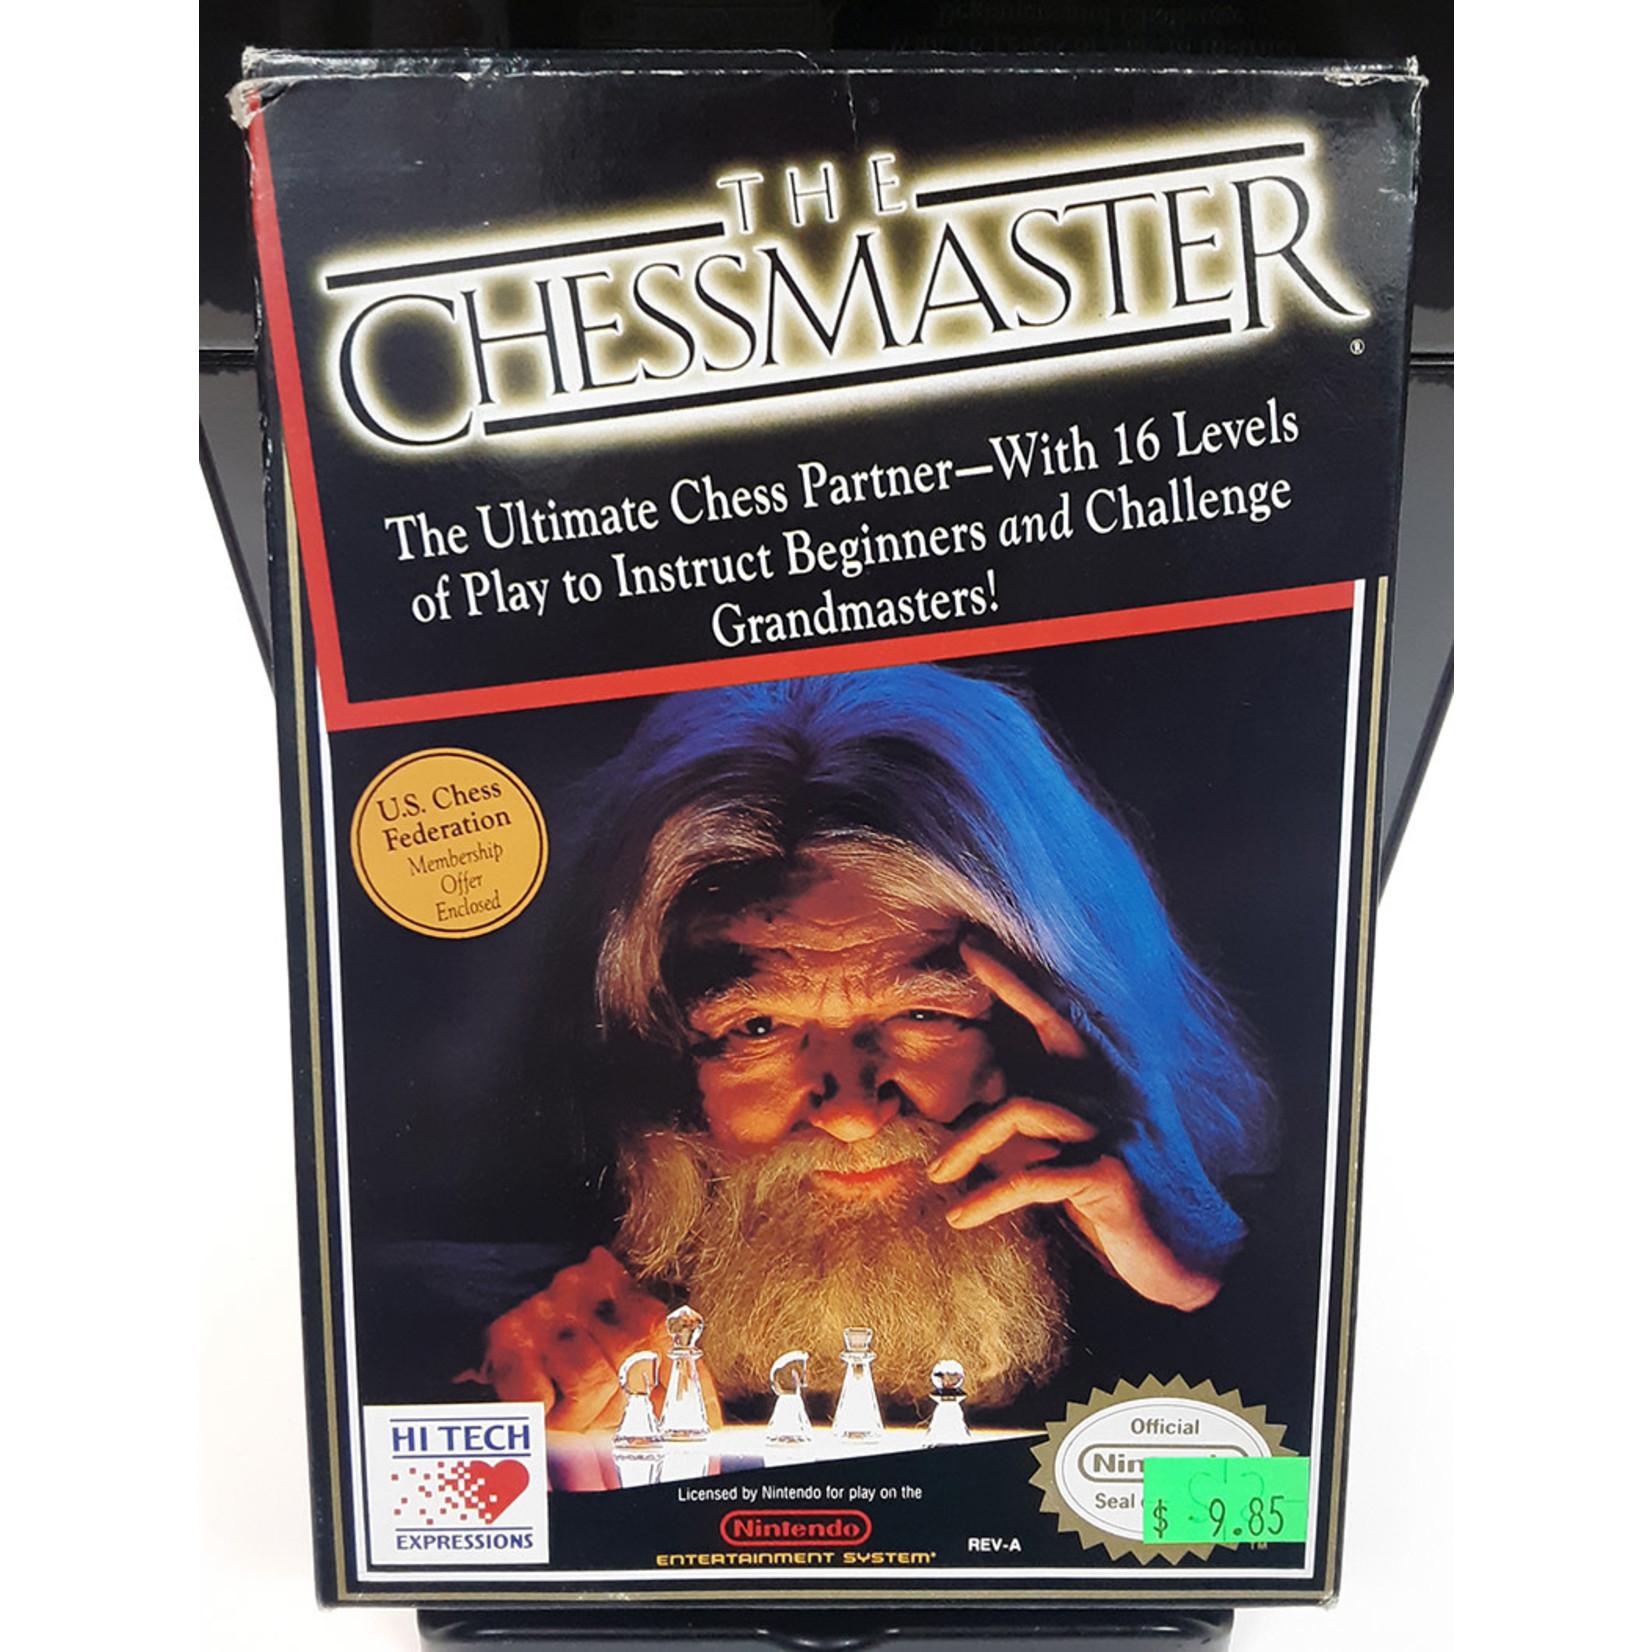 NESU-The Chessmaster (in box)